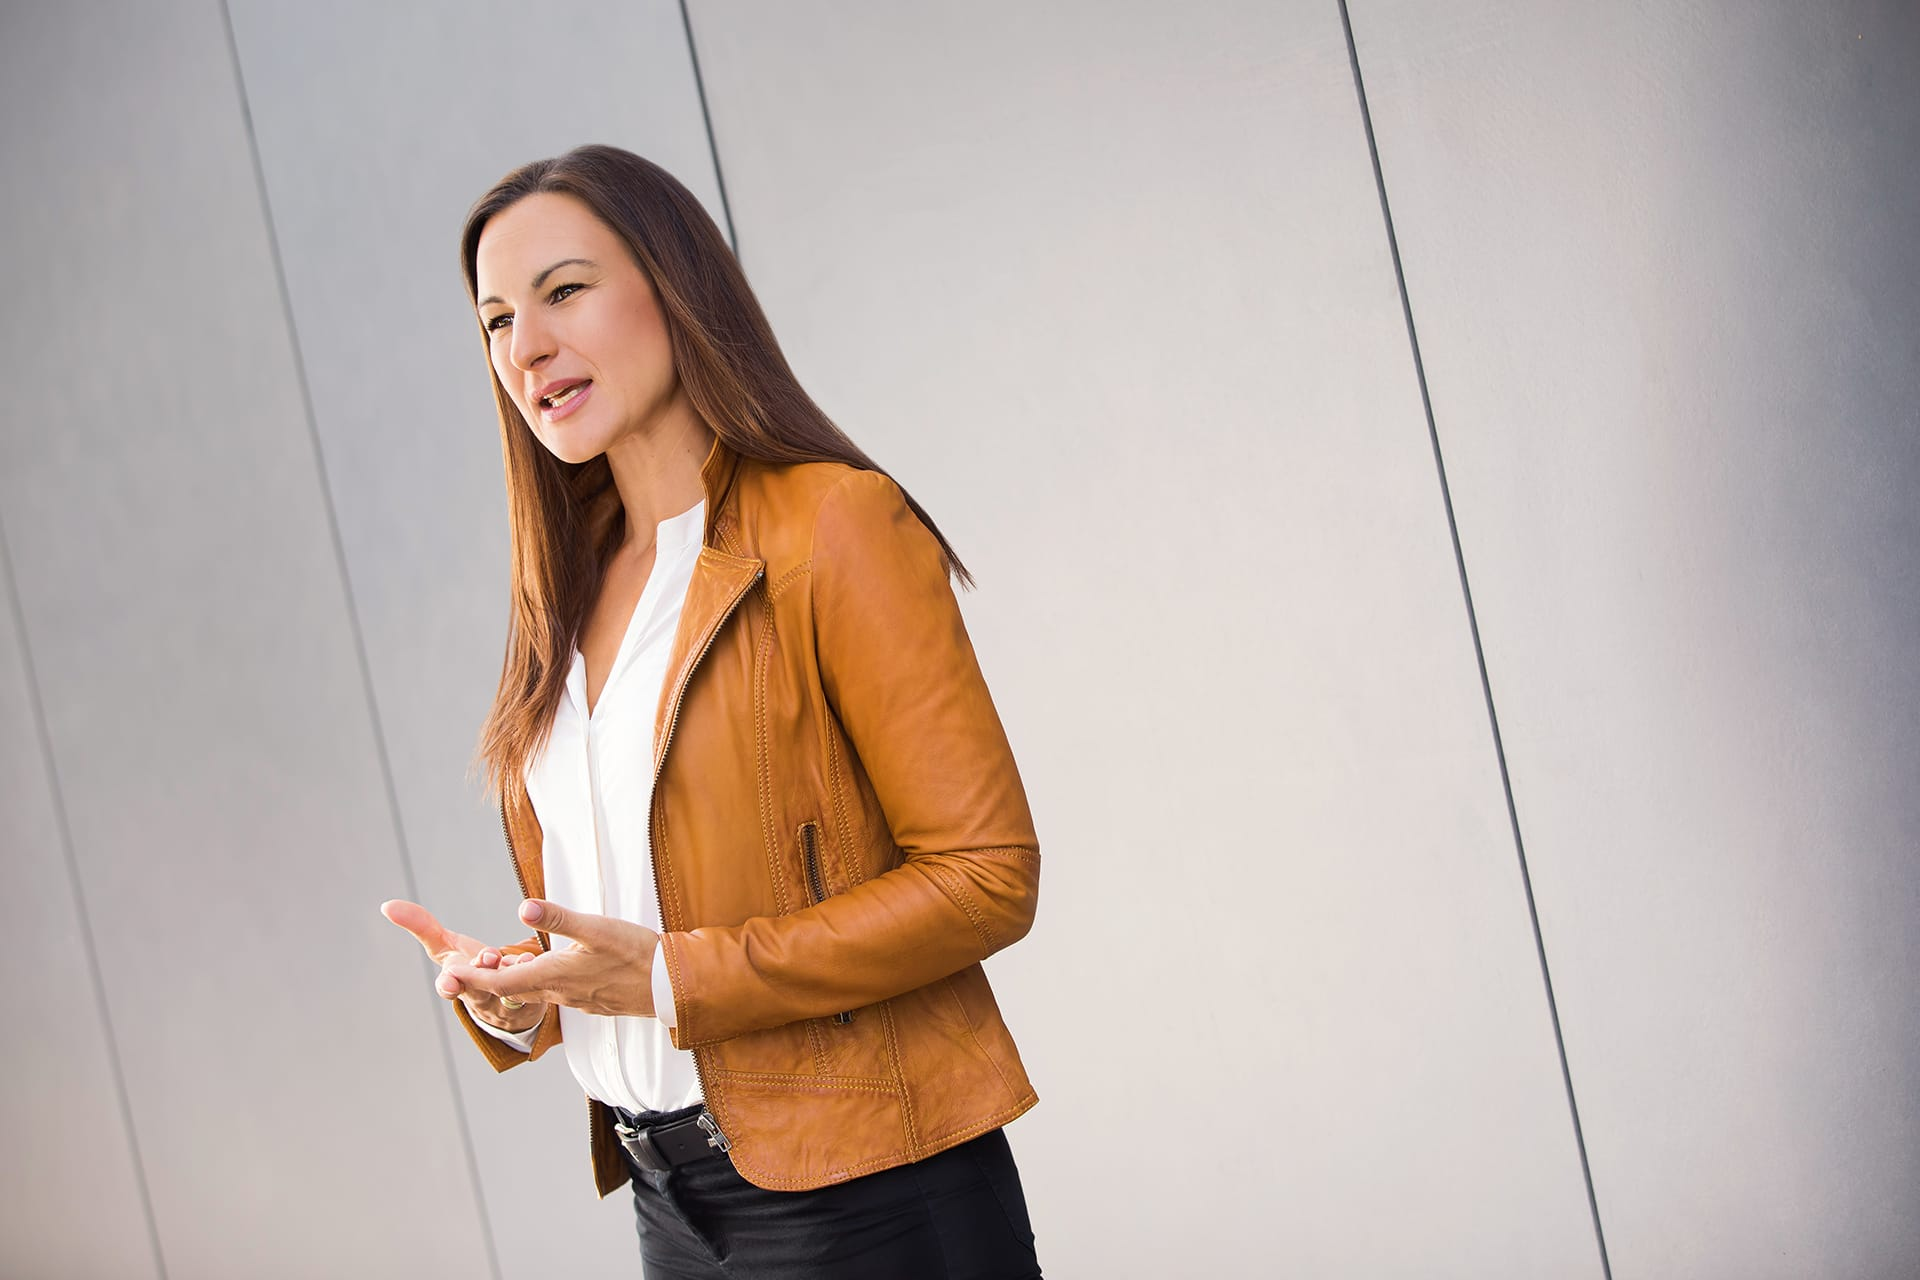 Elevation Business Training | Auftritt und Wirkung 4